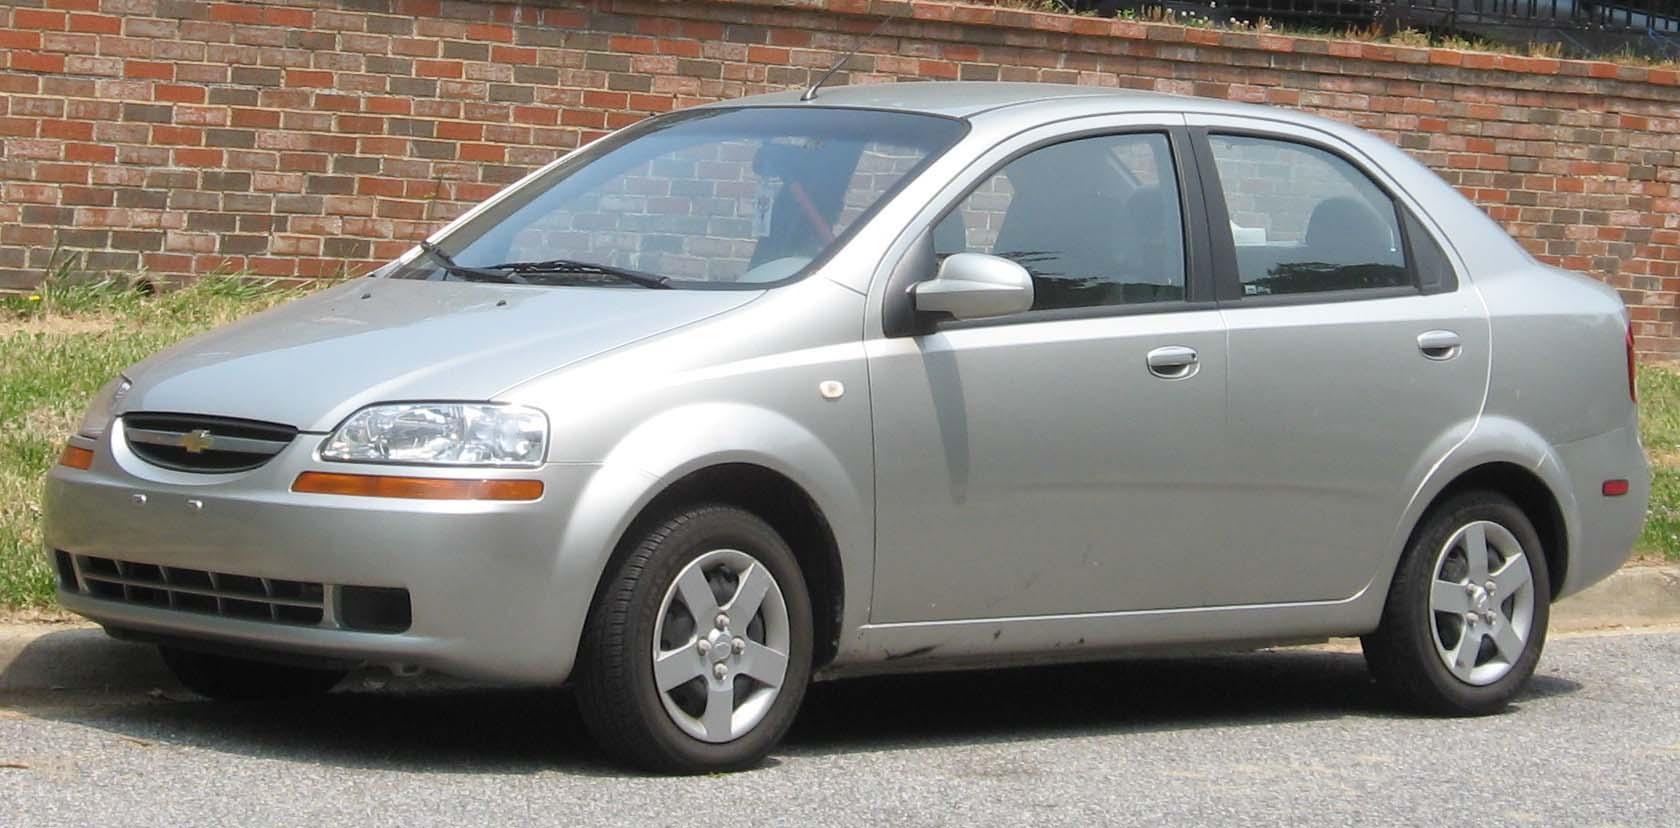 Chevrolet Aveo Sedan 1 4 I 83 Ps Auto Technische Daten Leistung Torque Tankinhalt Kraftstoffverbrauch